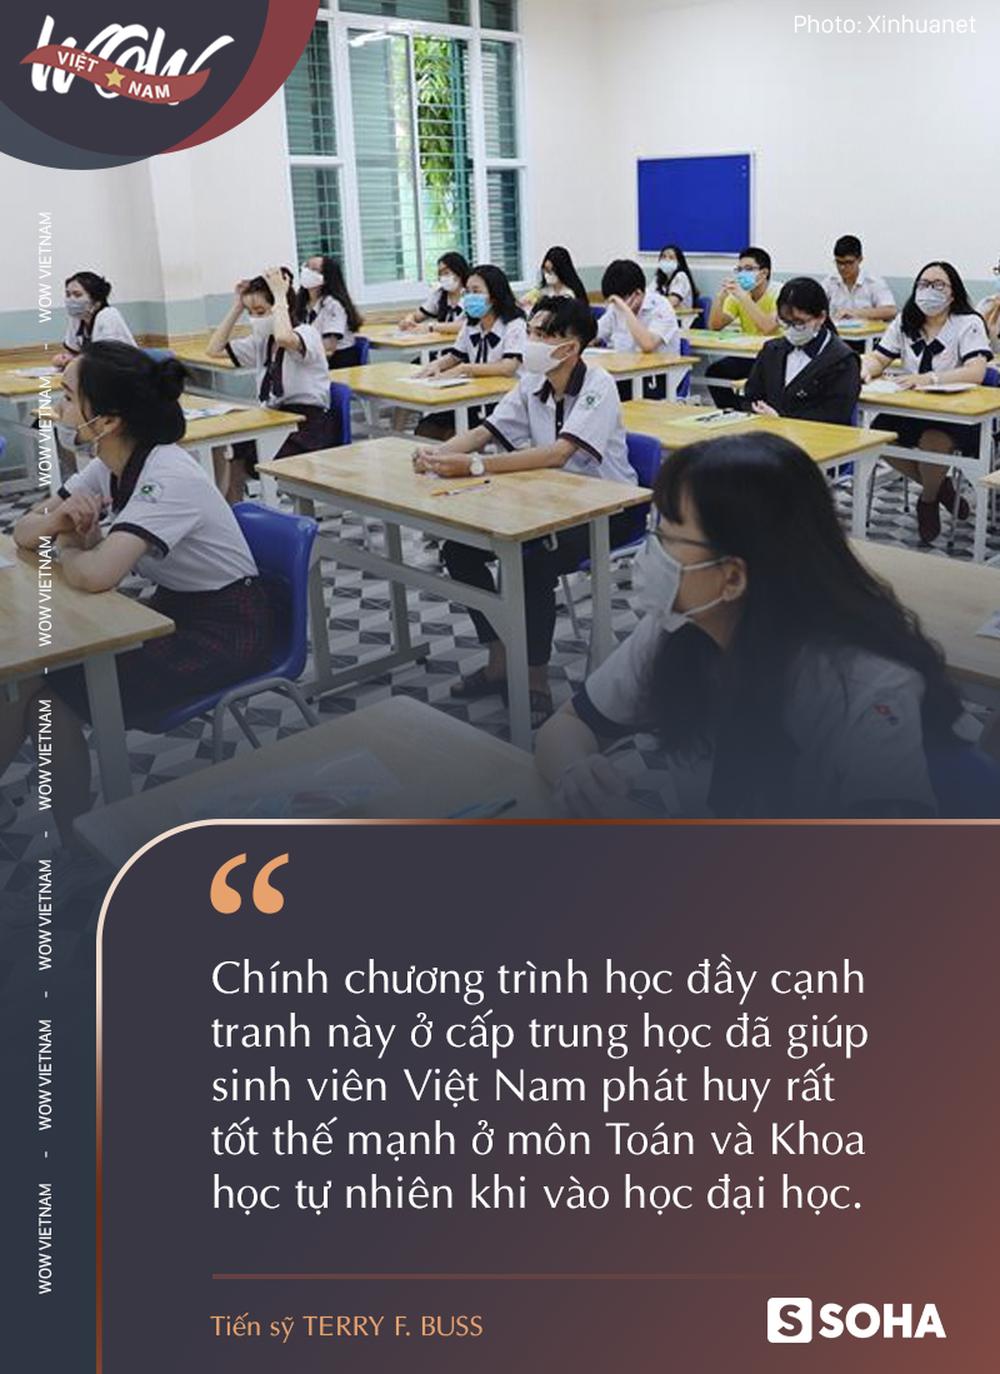 Tiến sỹ Mỹ: Làm thầy của sinh viên Việt Nam thì chắc chắc sẽ được nhận phần thưởng đặc biệt… - Ảnh 4.